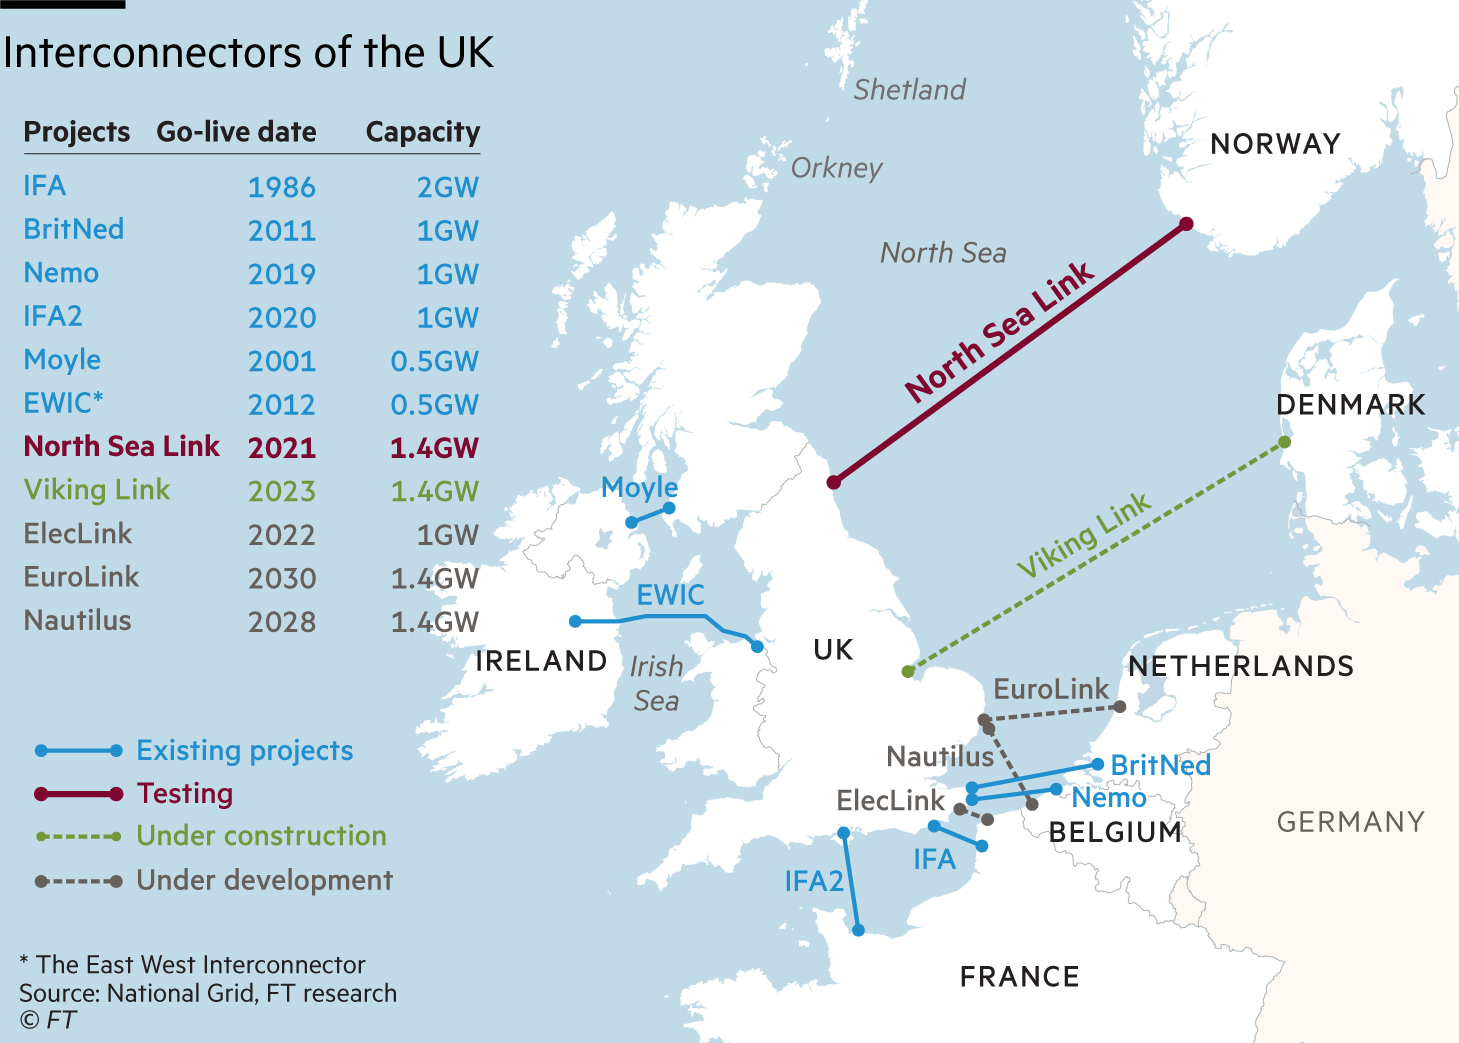 Interconnectors of the UK